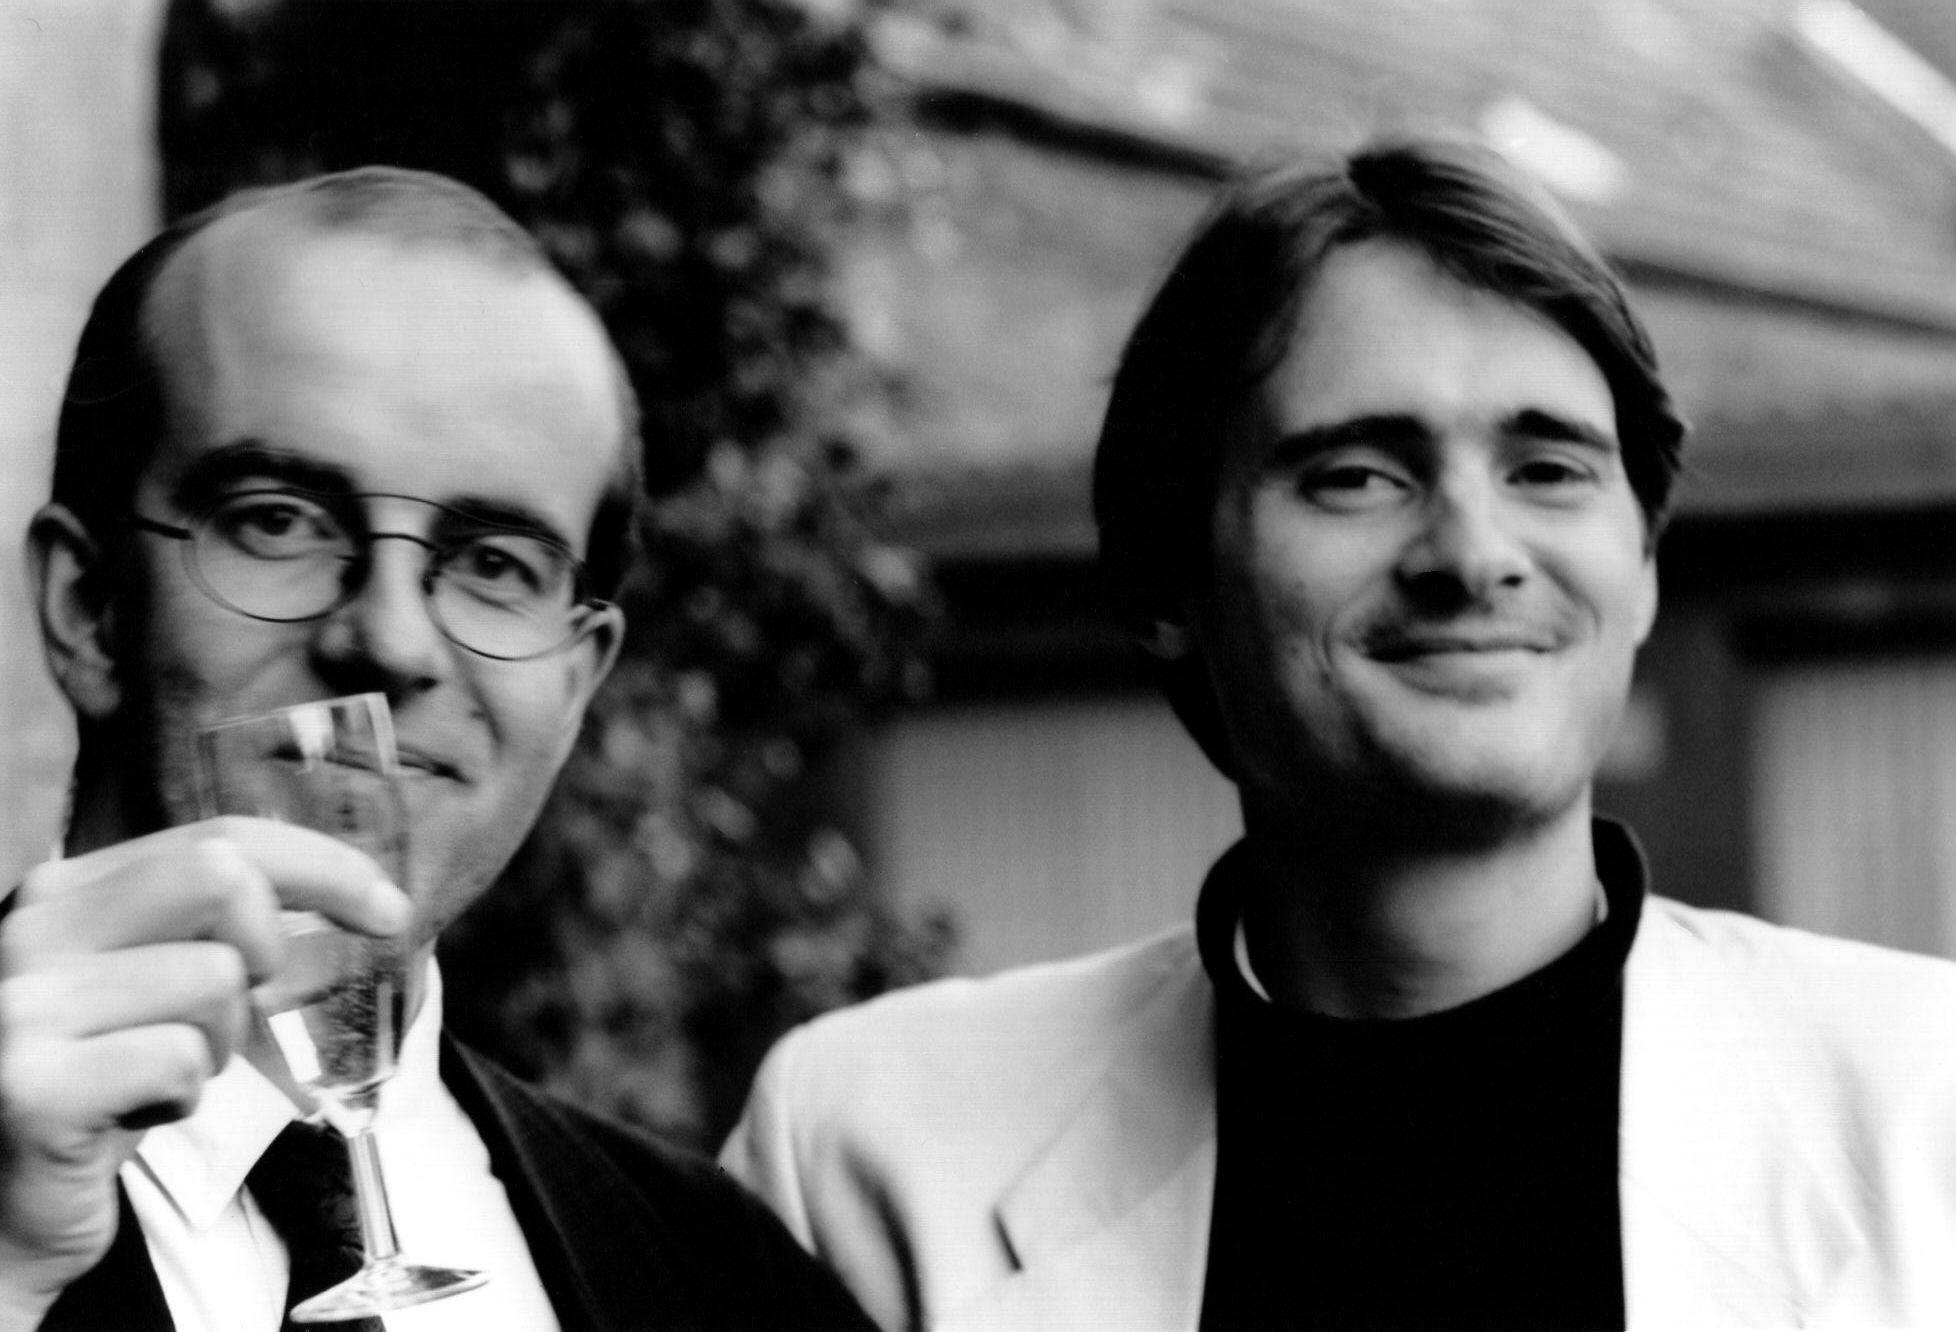 Die Festivalmacher Utz Köster und Adrian Adlam (1991)